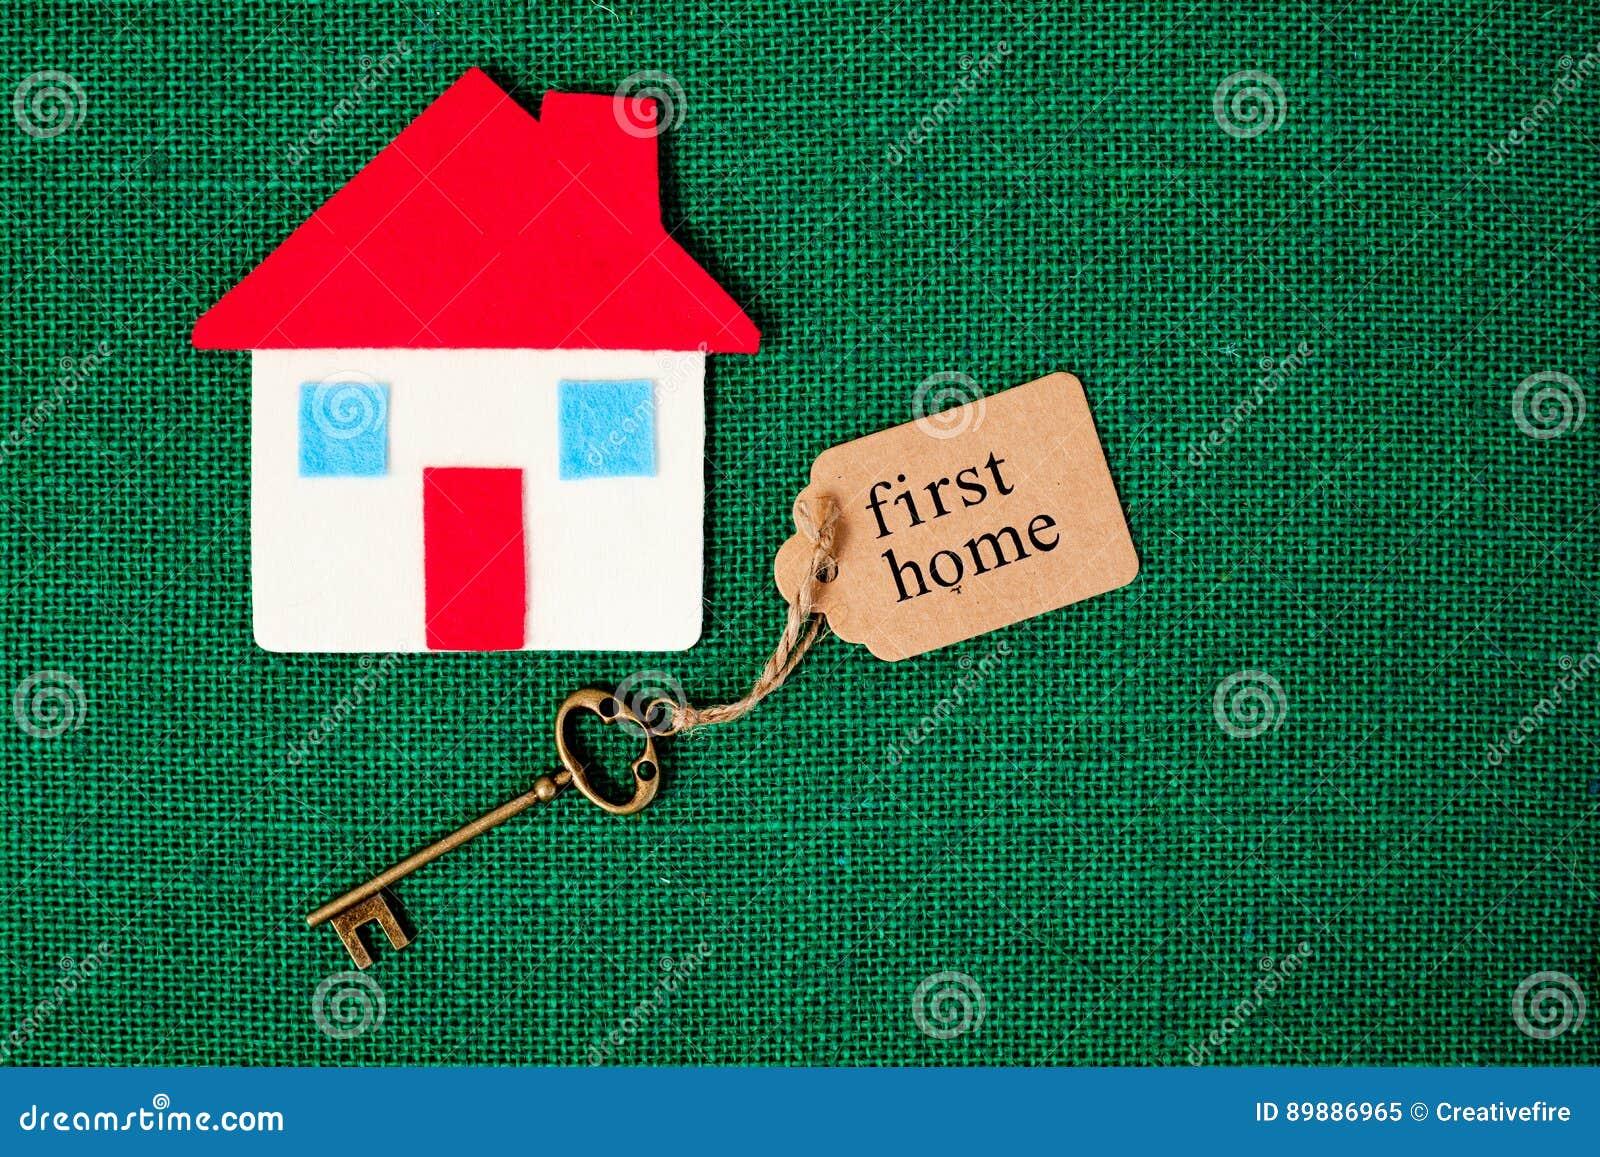 Primo domestico di casa